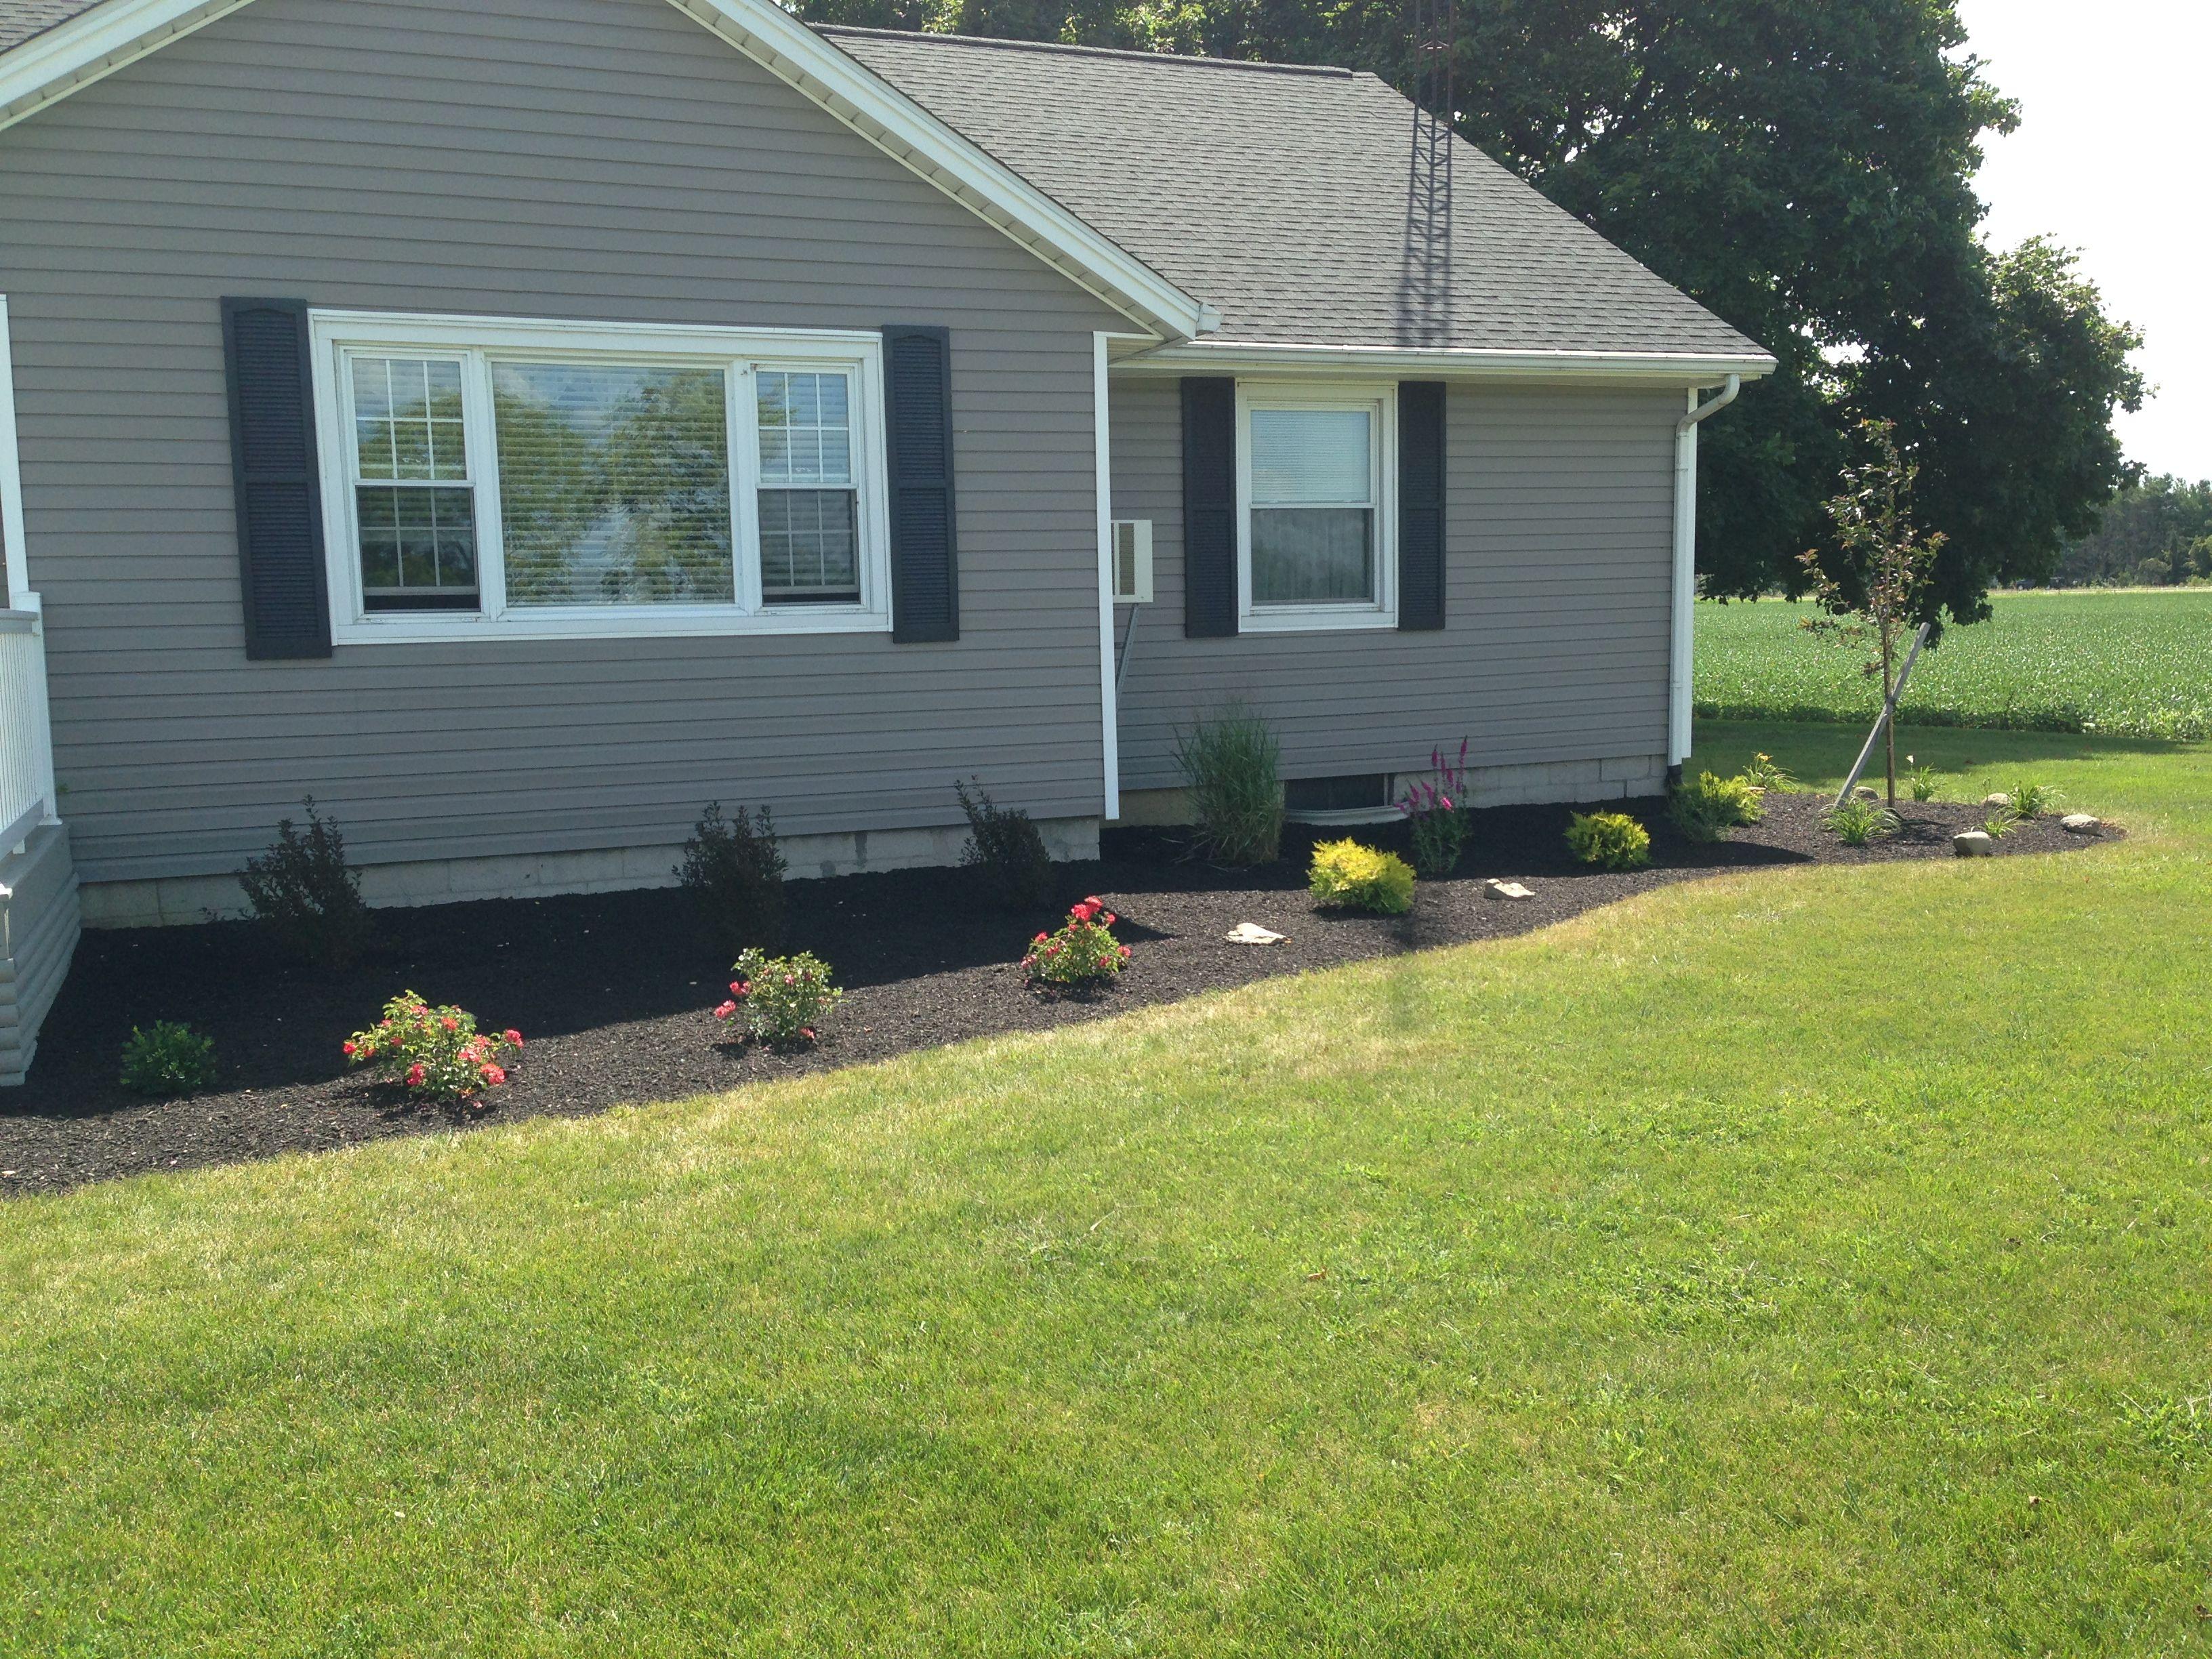 Proscape Lawn Landscape Services 866 776 2299 Serving Central Ohio Since 1998 Landscape Services Lawn And Landscape Landscape